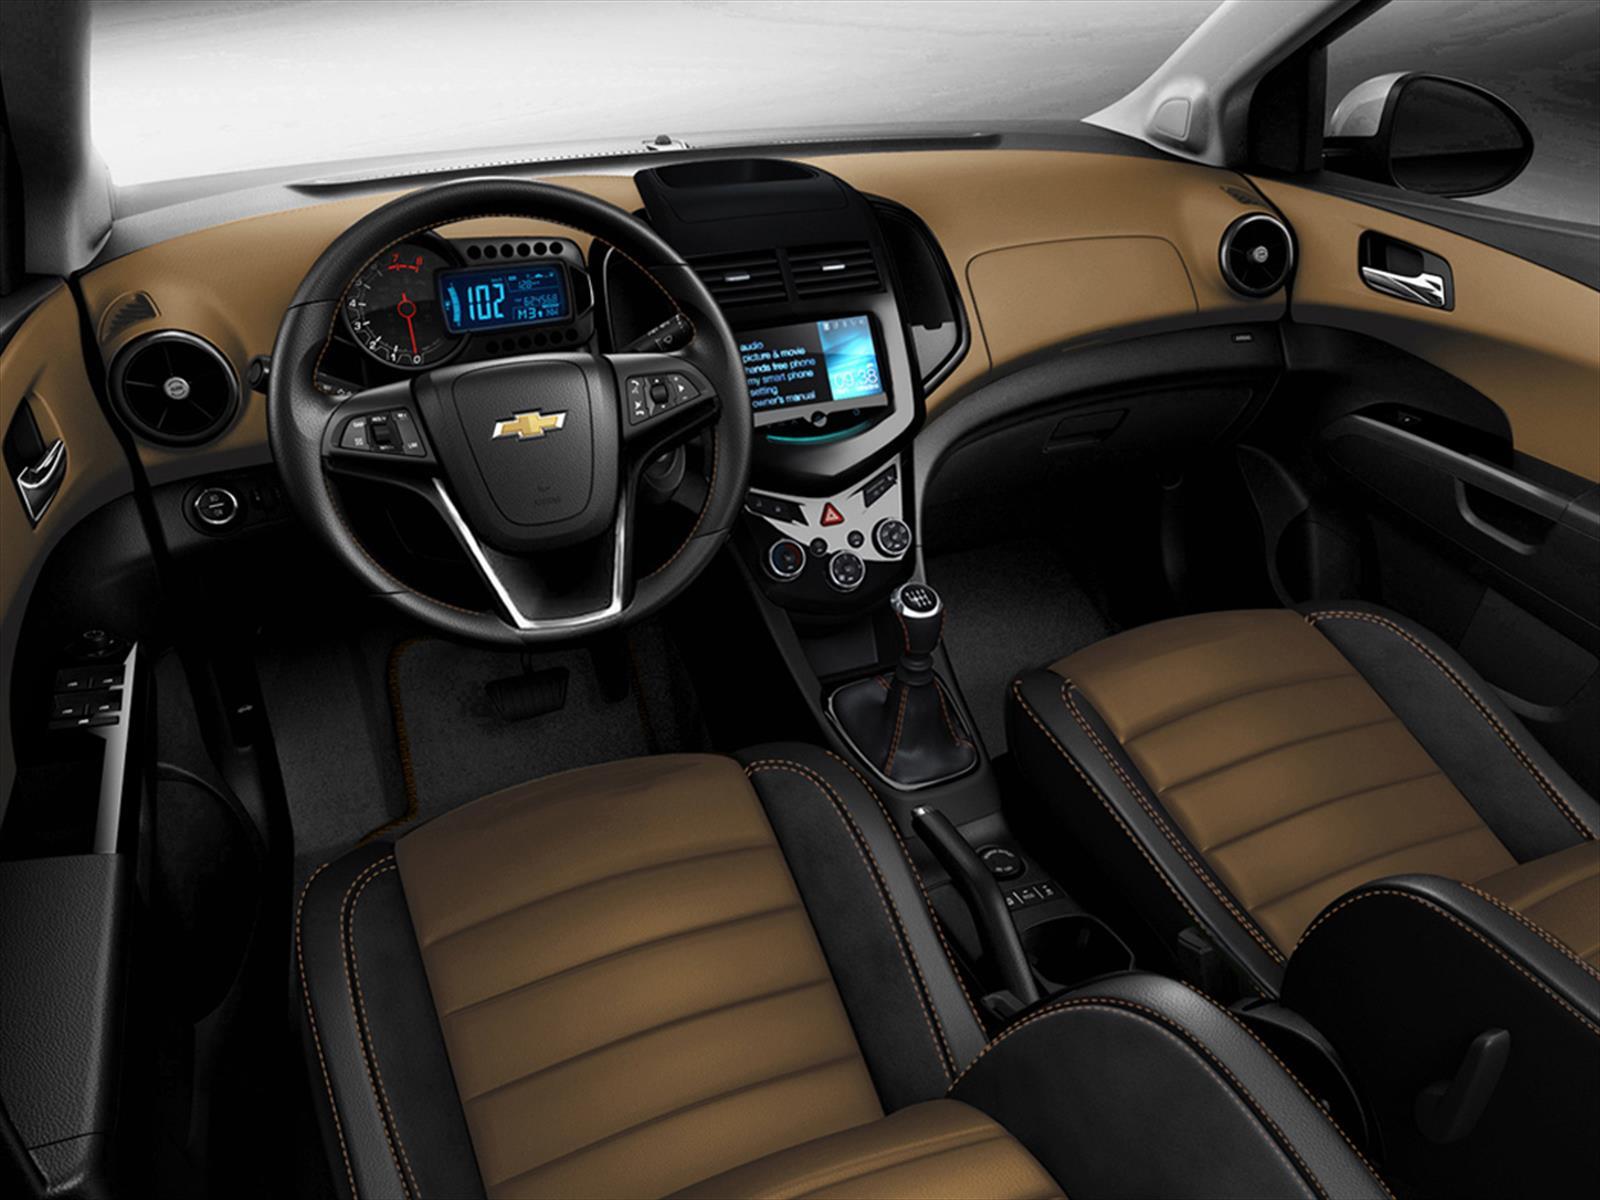 Sal N De Los Ngeles 2013 Chevrolet Sonic Rs Y Dusk Sed N 2014 Se Presentan Noticias